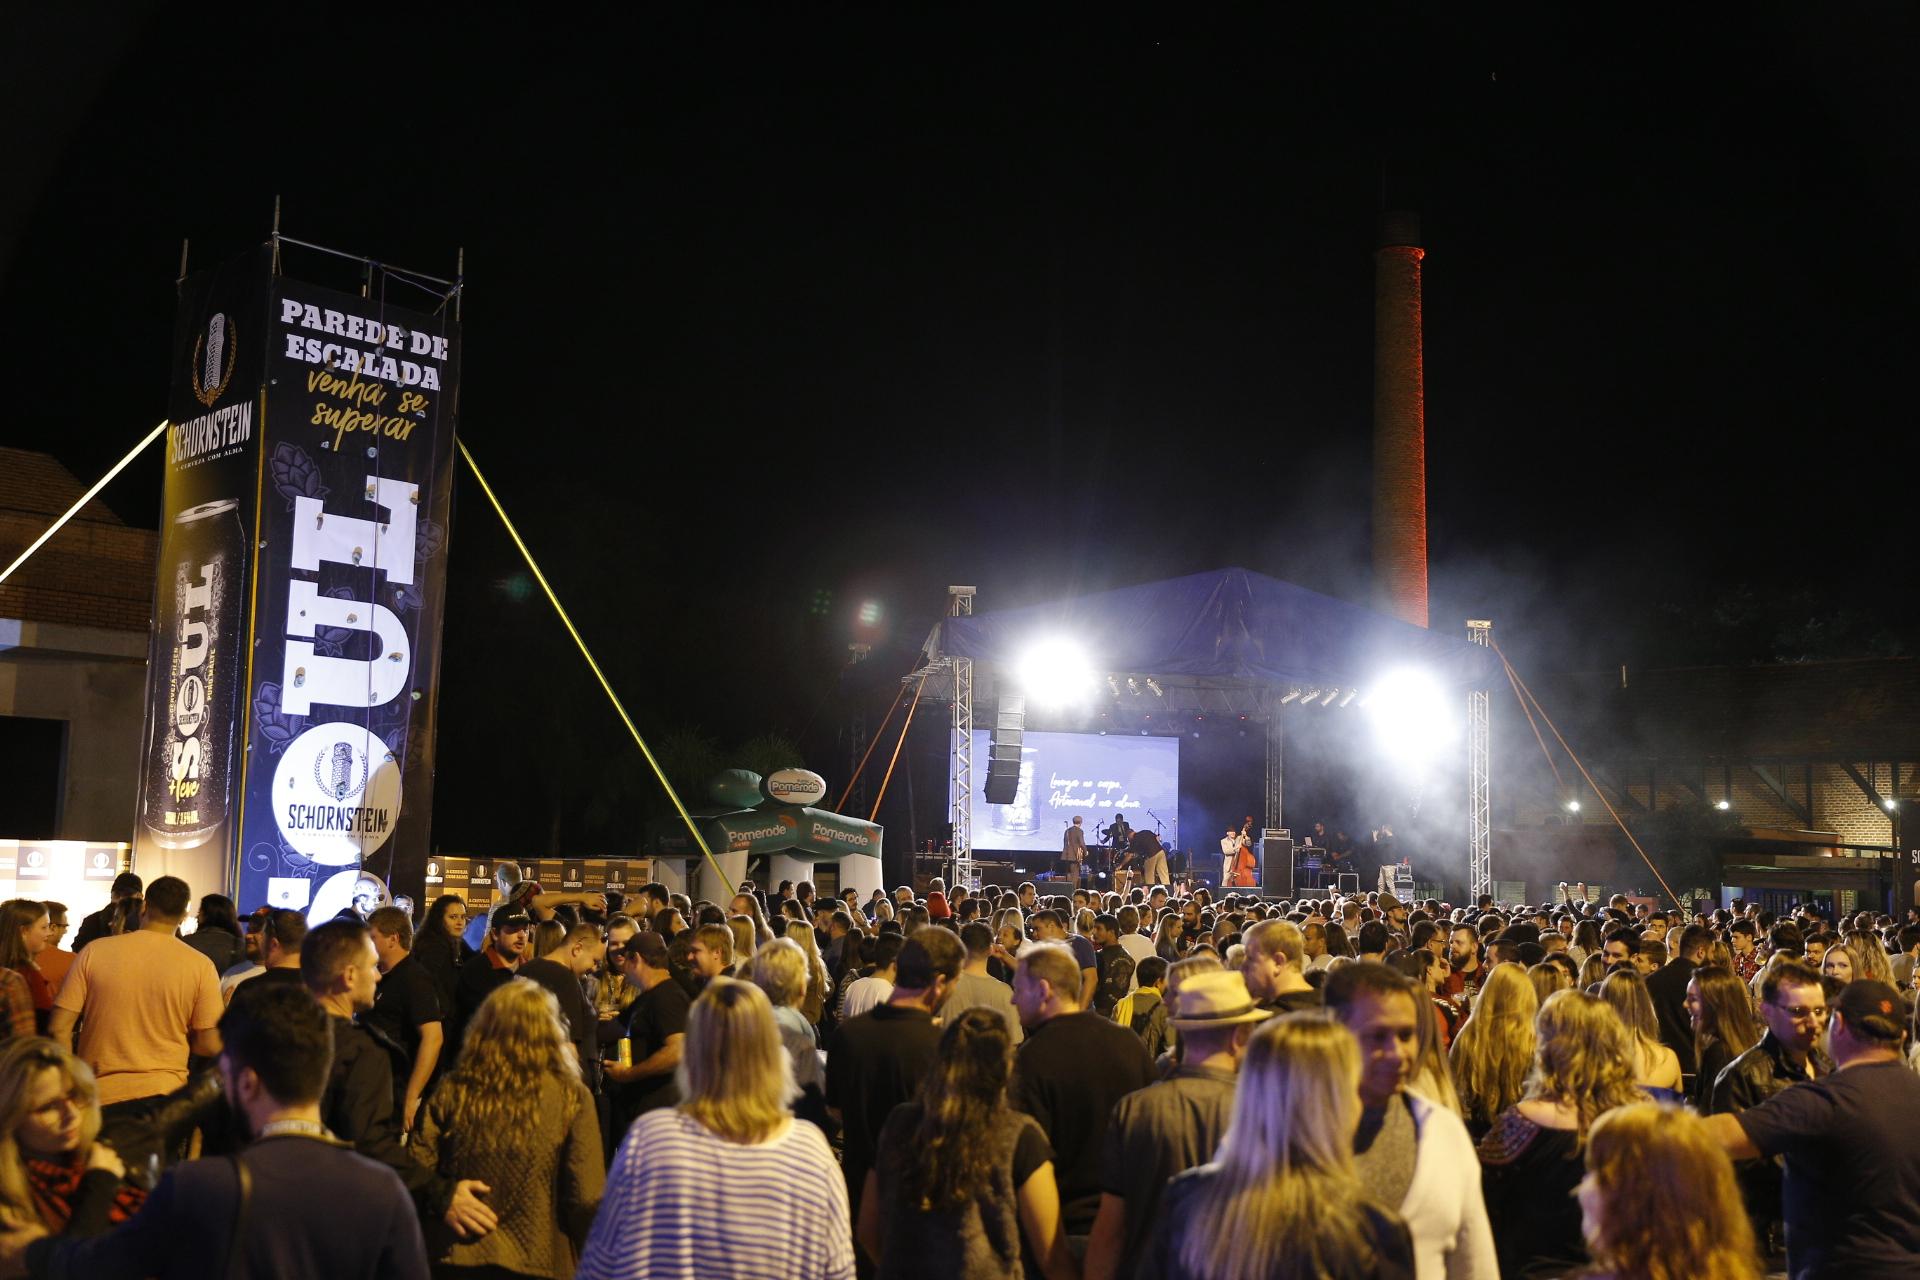 Evento com atrações culturais e gastronômicas acontece no dia 30 de junho em Pomerode (SC)